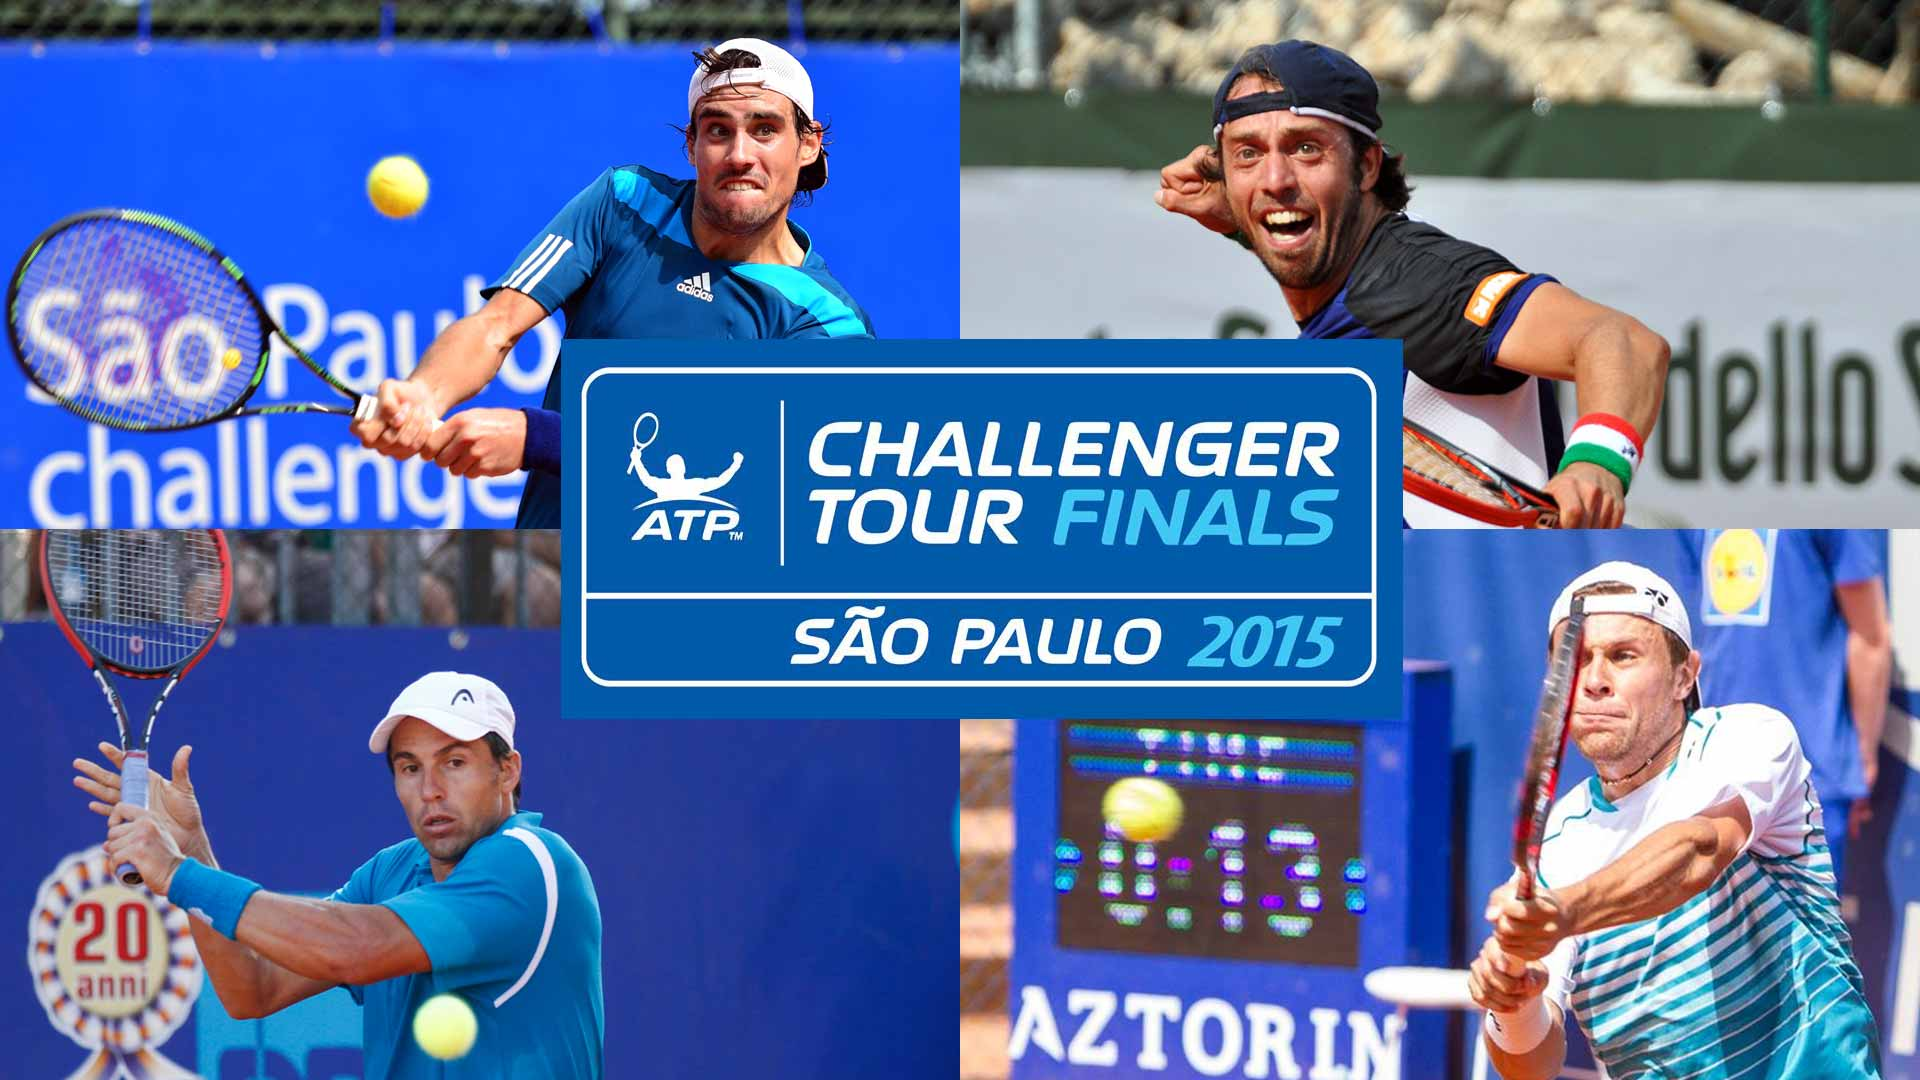 atp challenger tour scores